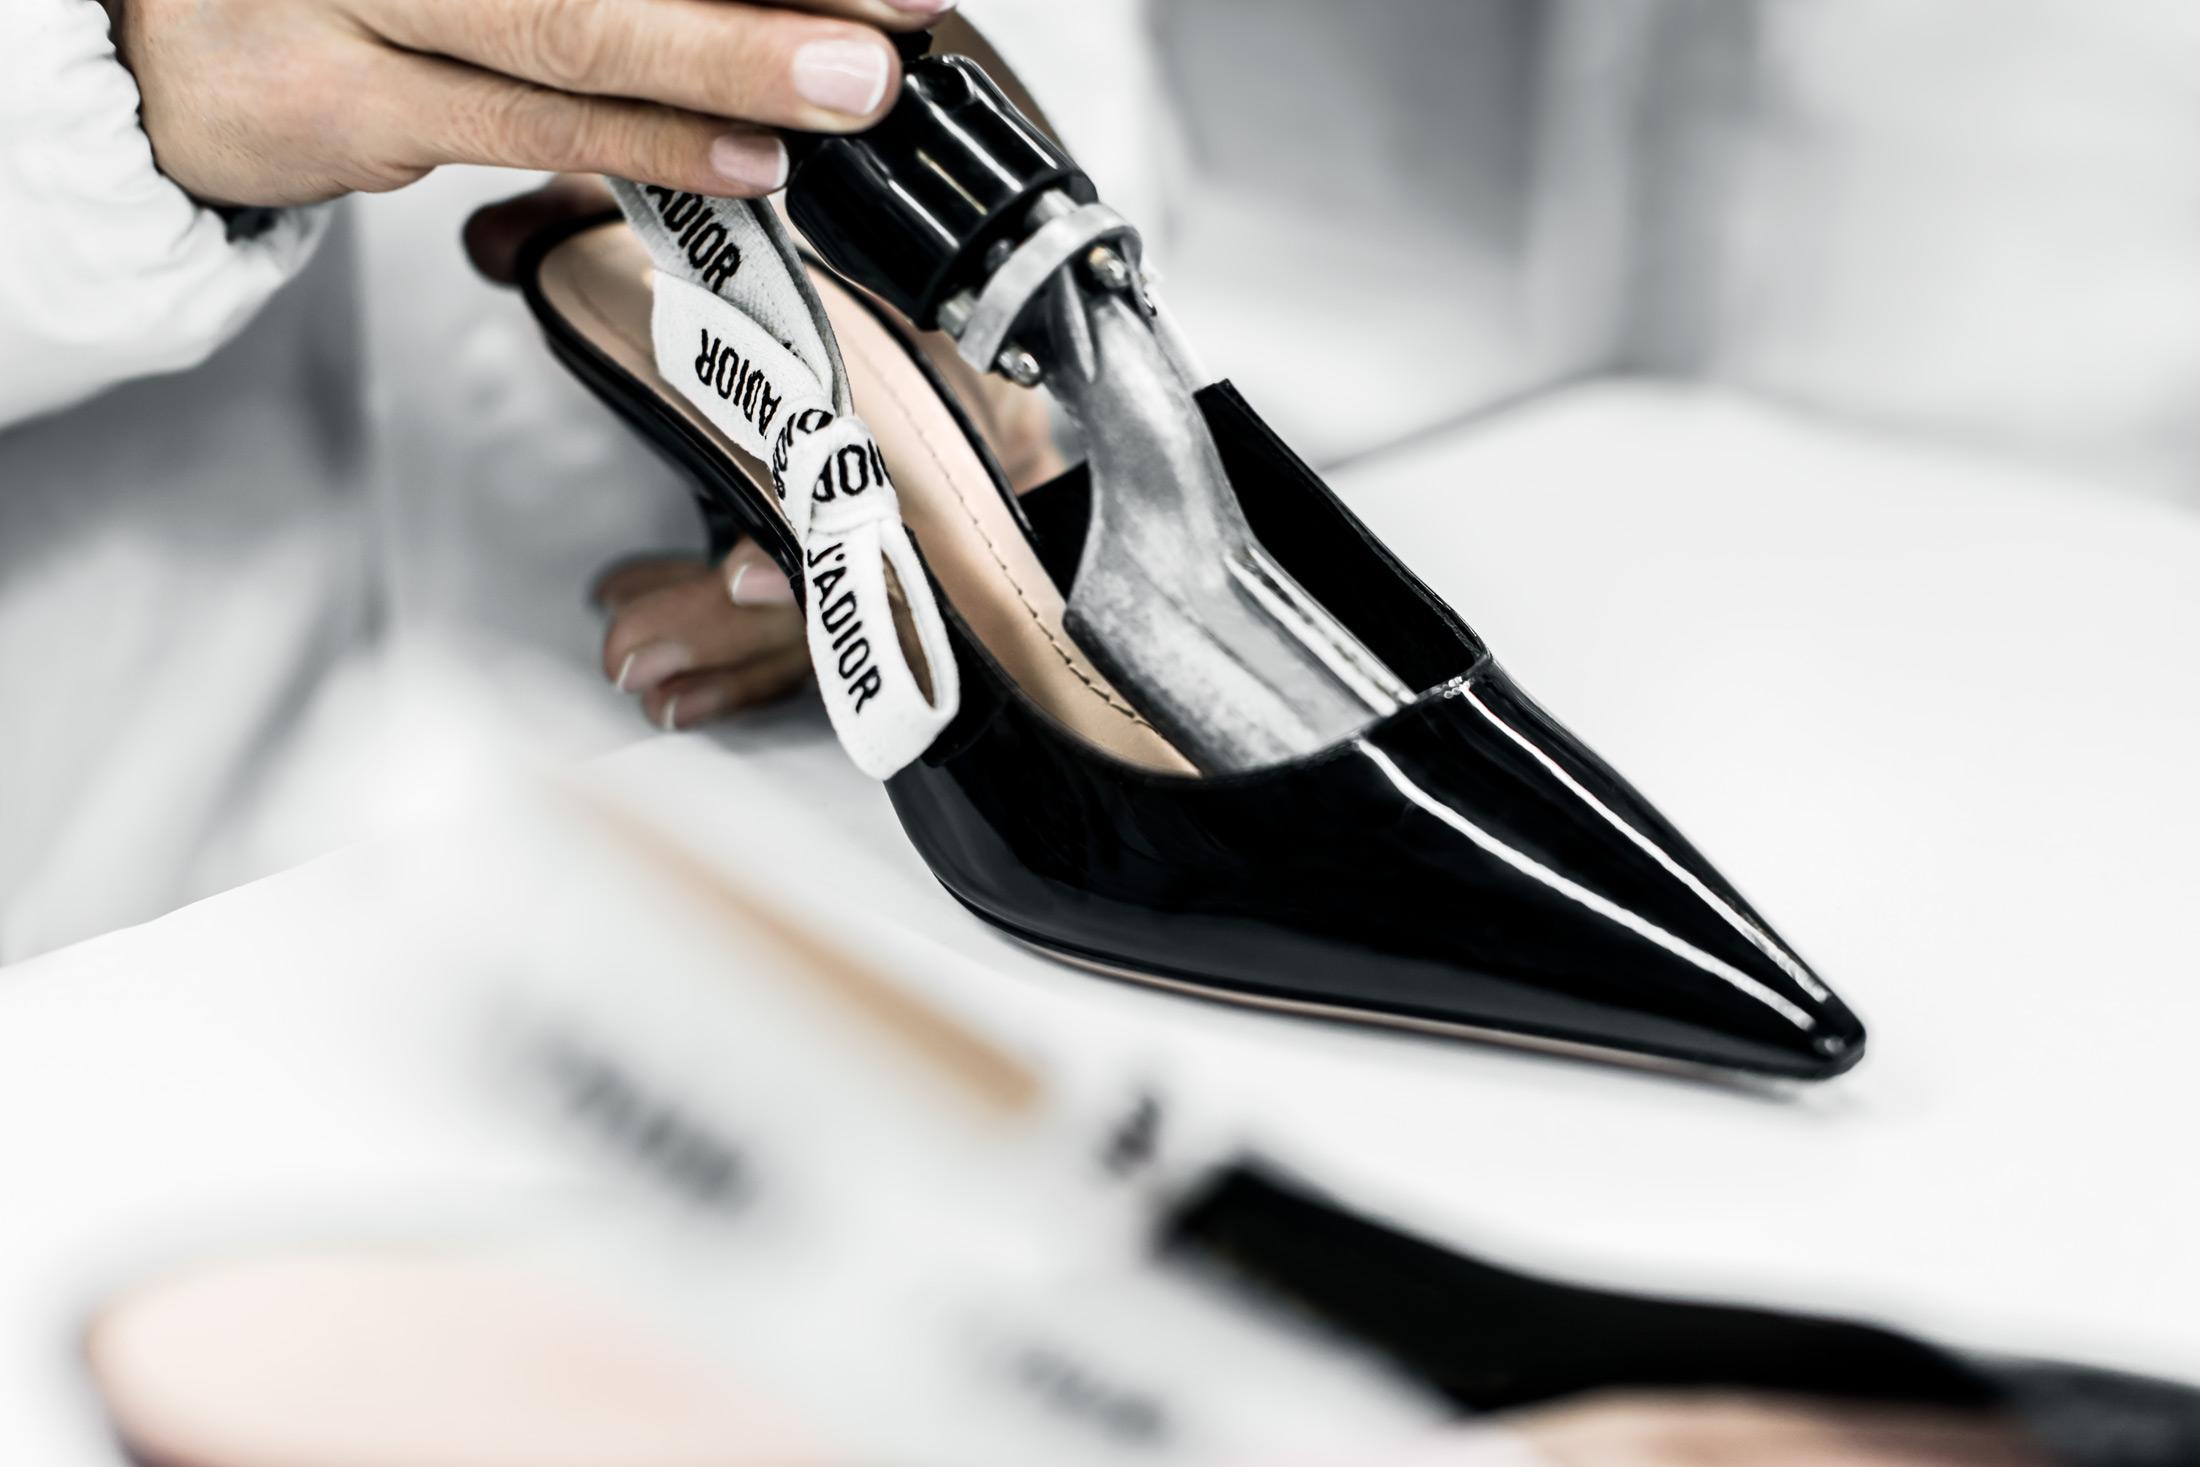 reputable site e6bd7 ddbf1 J'adior: il segreto delle scarpe più ambite del momento ...